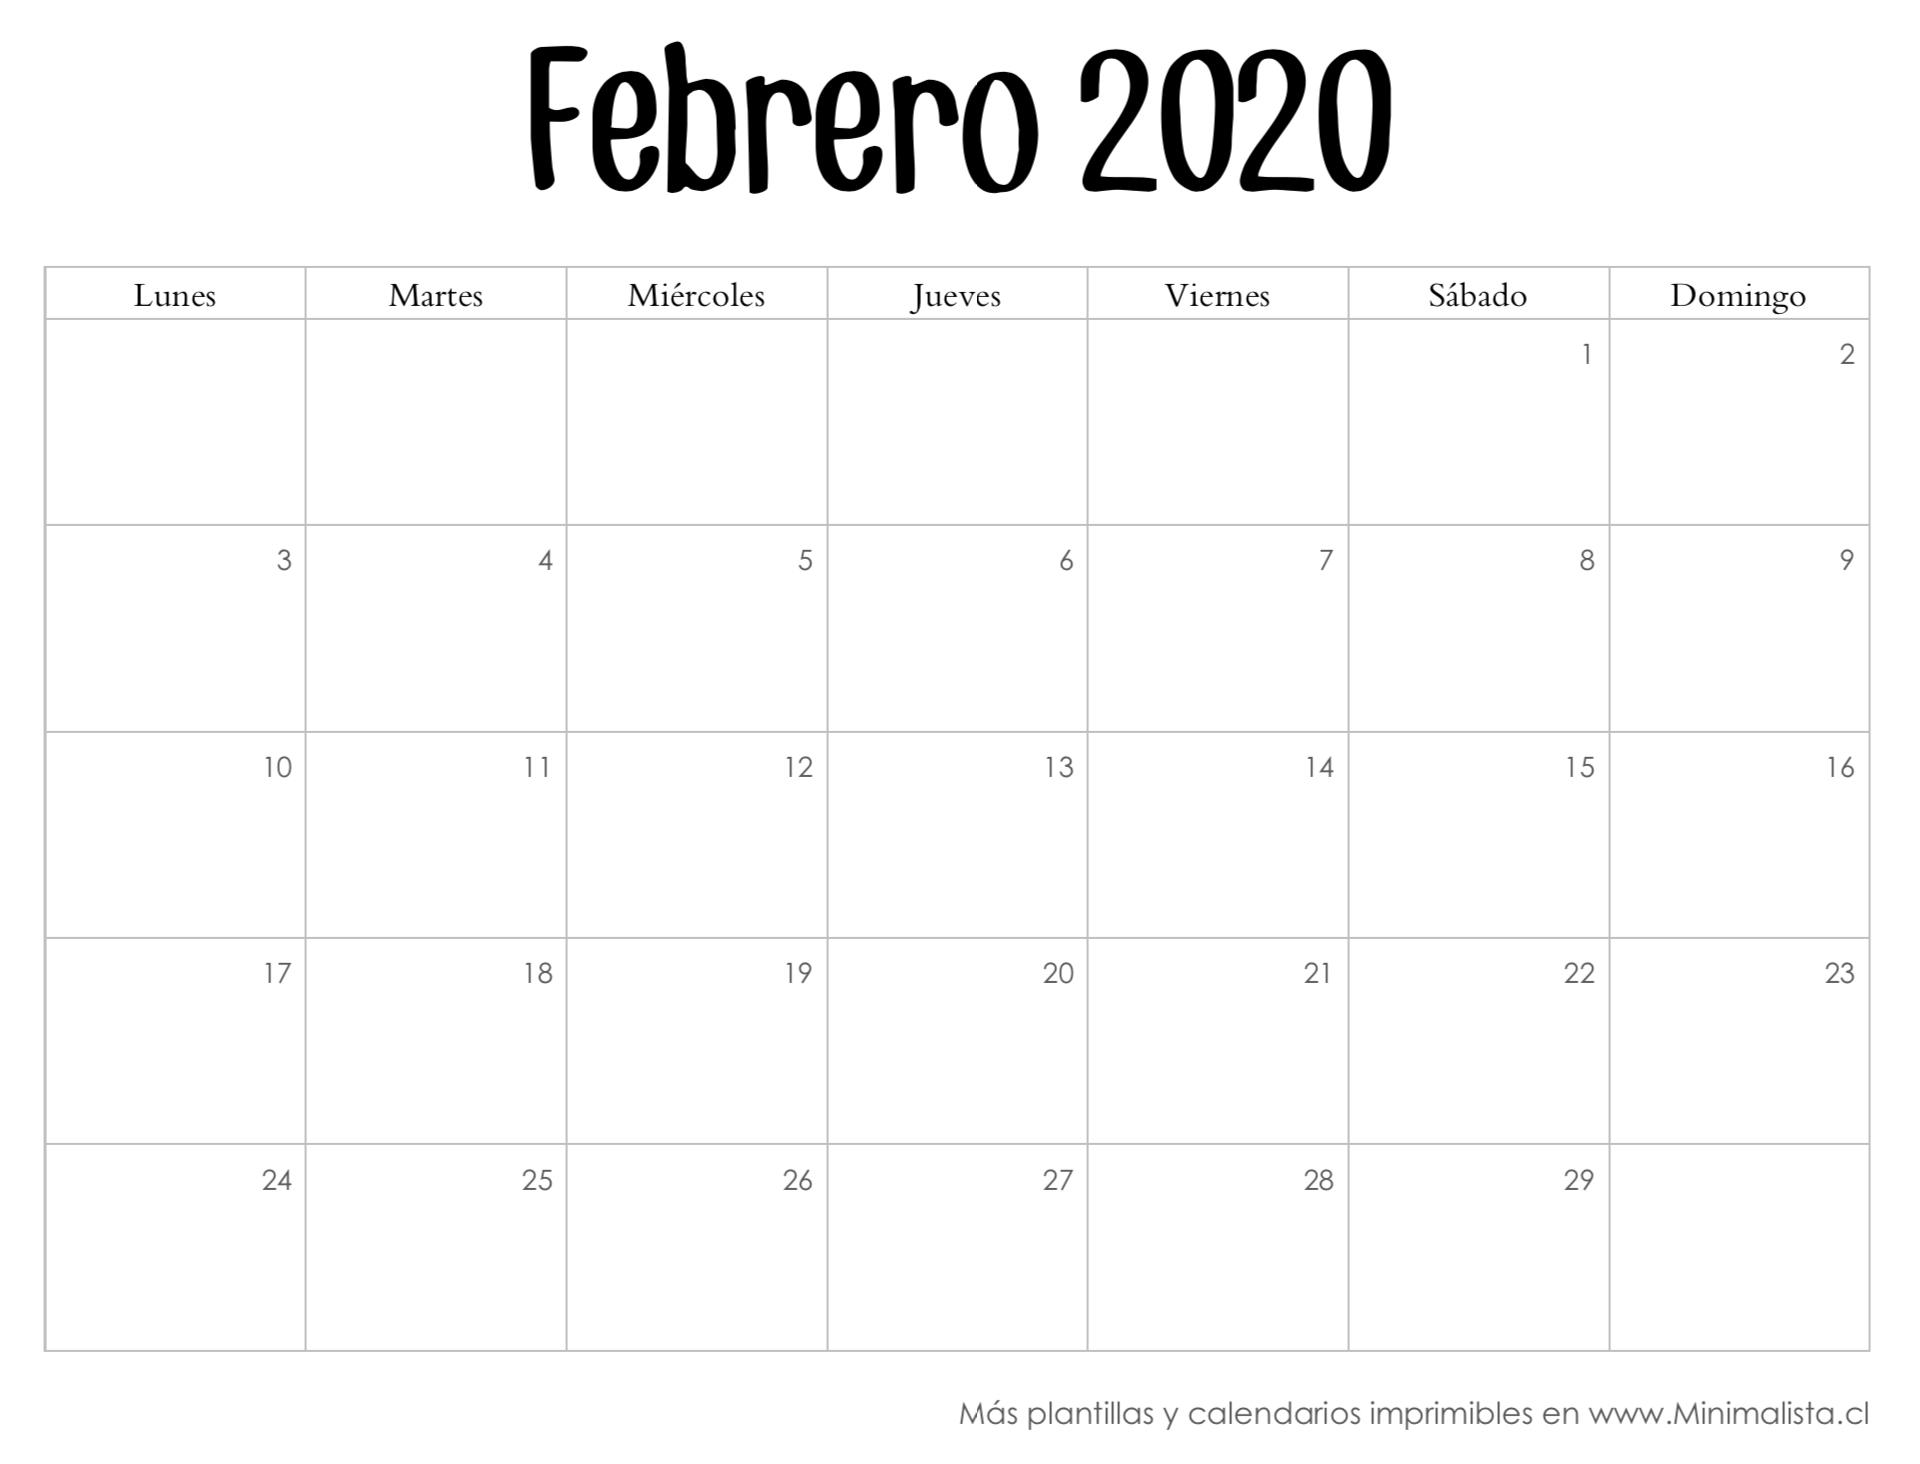 Calendarios 2020 Para Imprmir En 2020 | Calendario  Calendario 2020 Mensual Para Imprimir Gratis Febrero